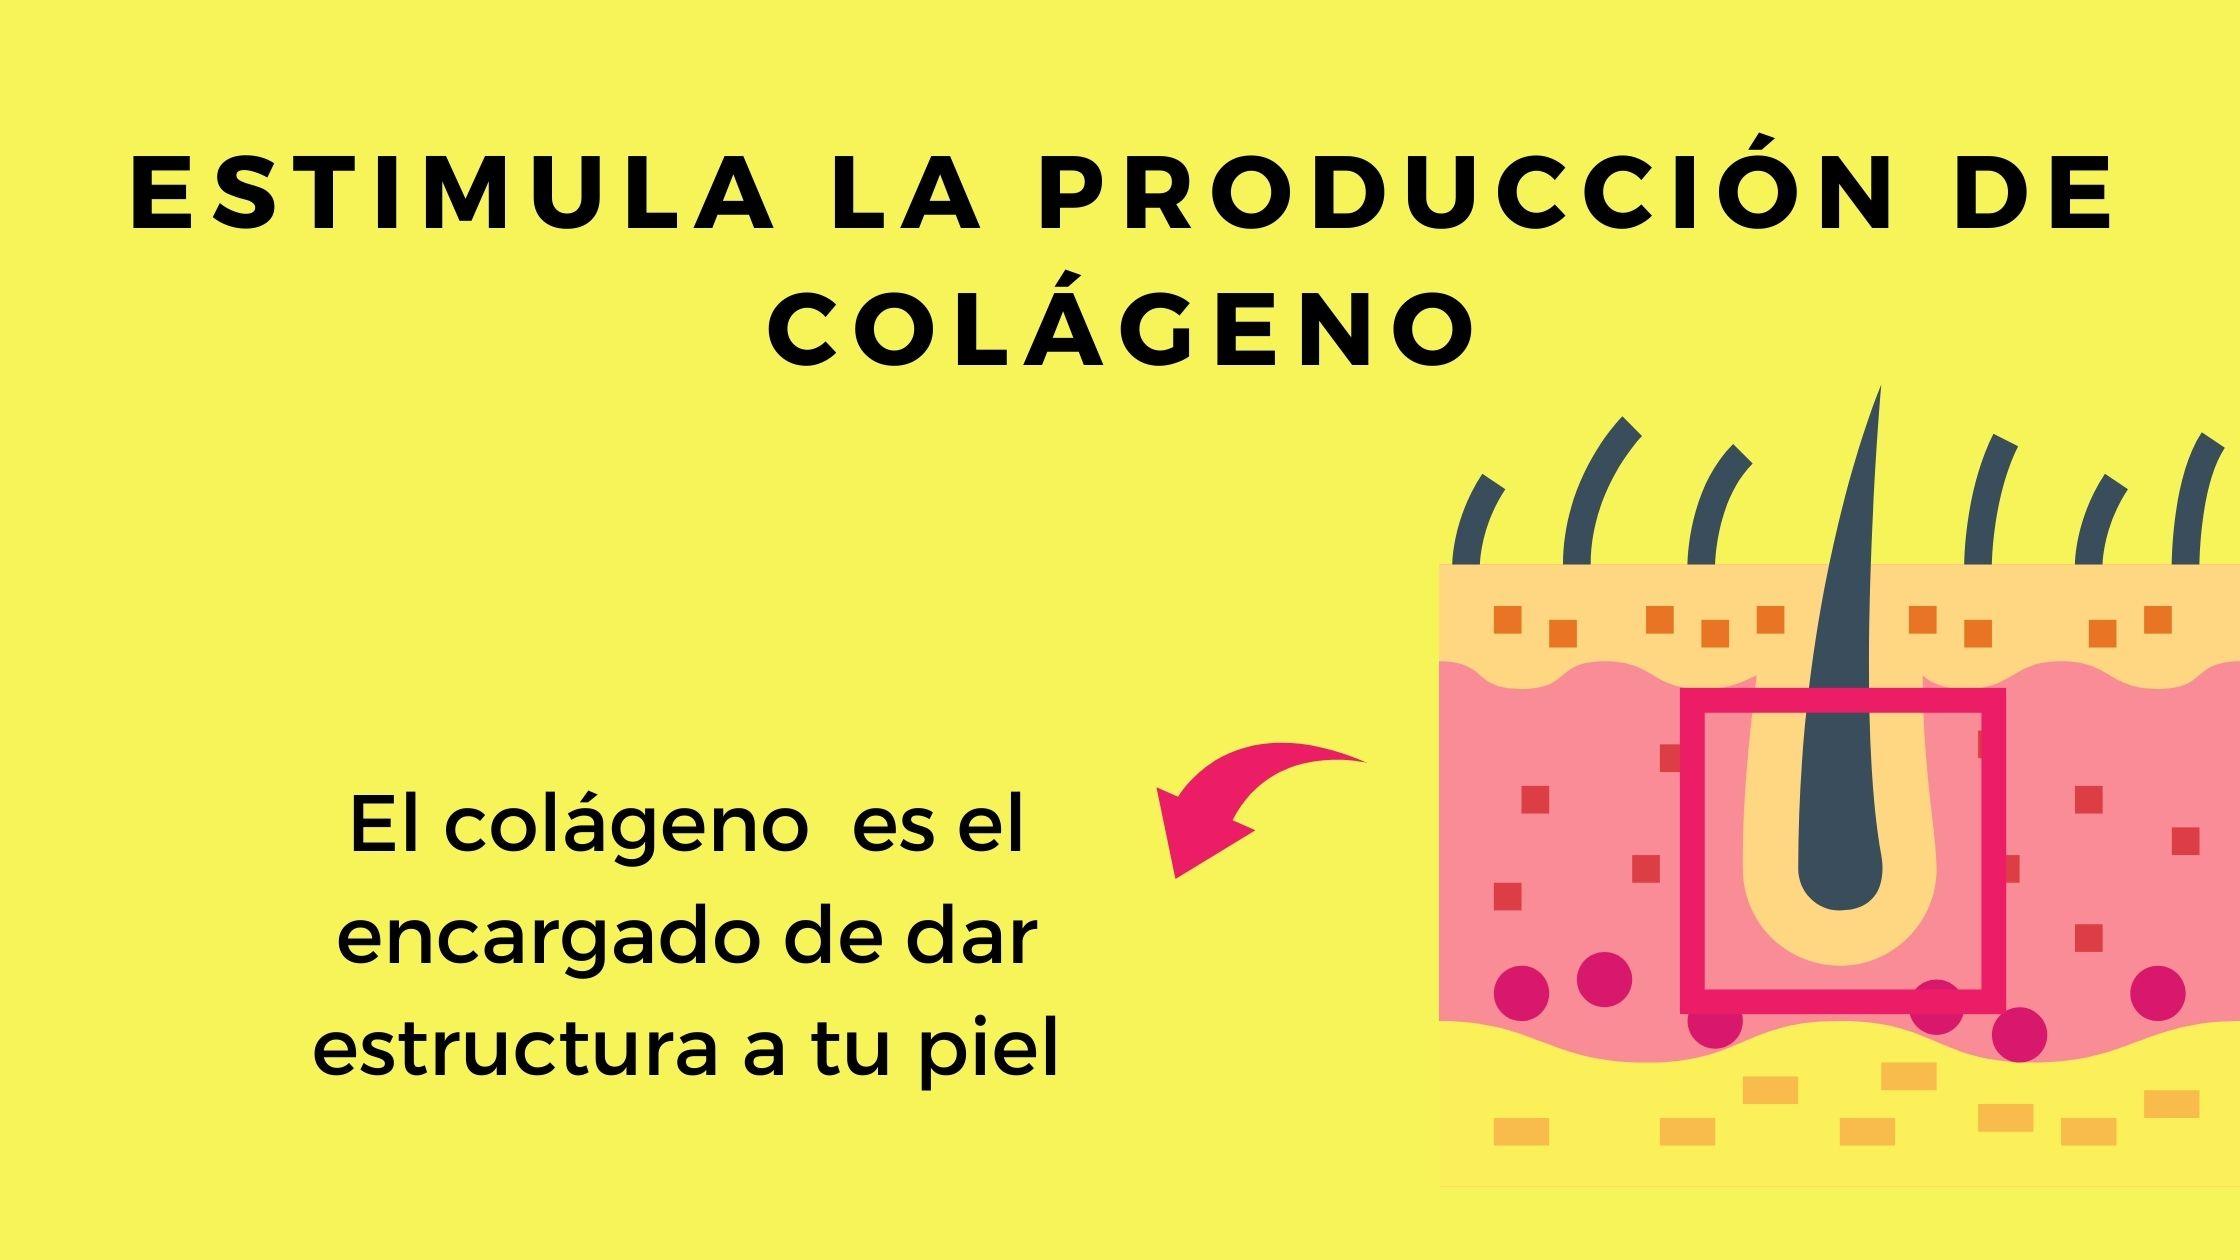 El colágeno ayuda a cerrar los poros